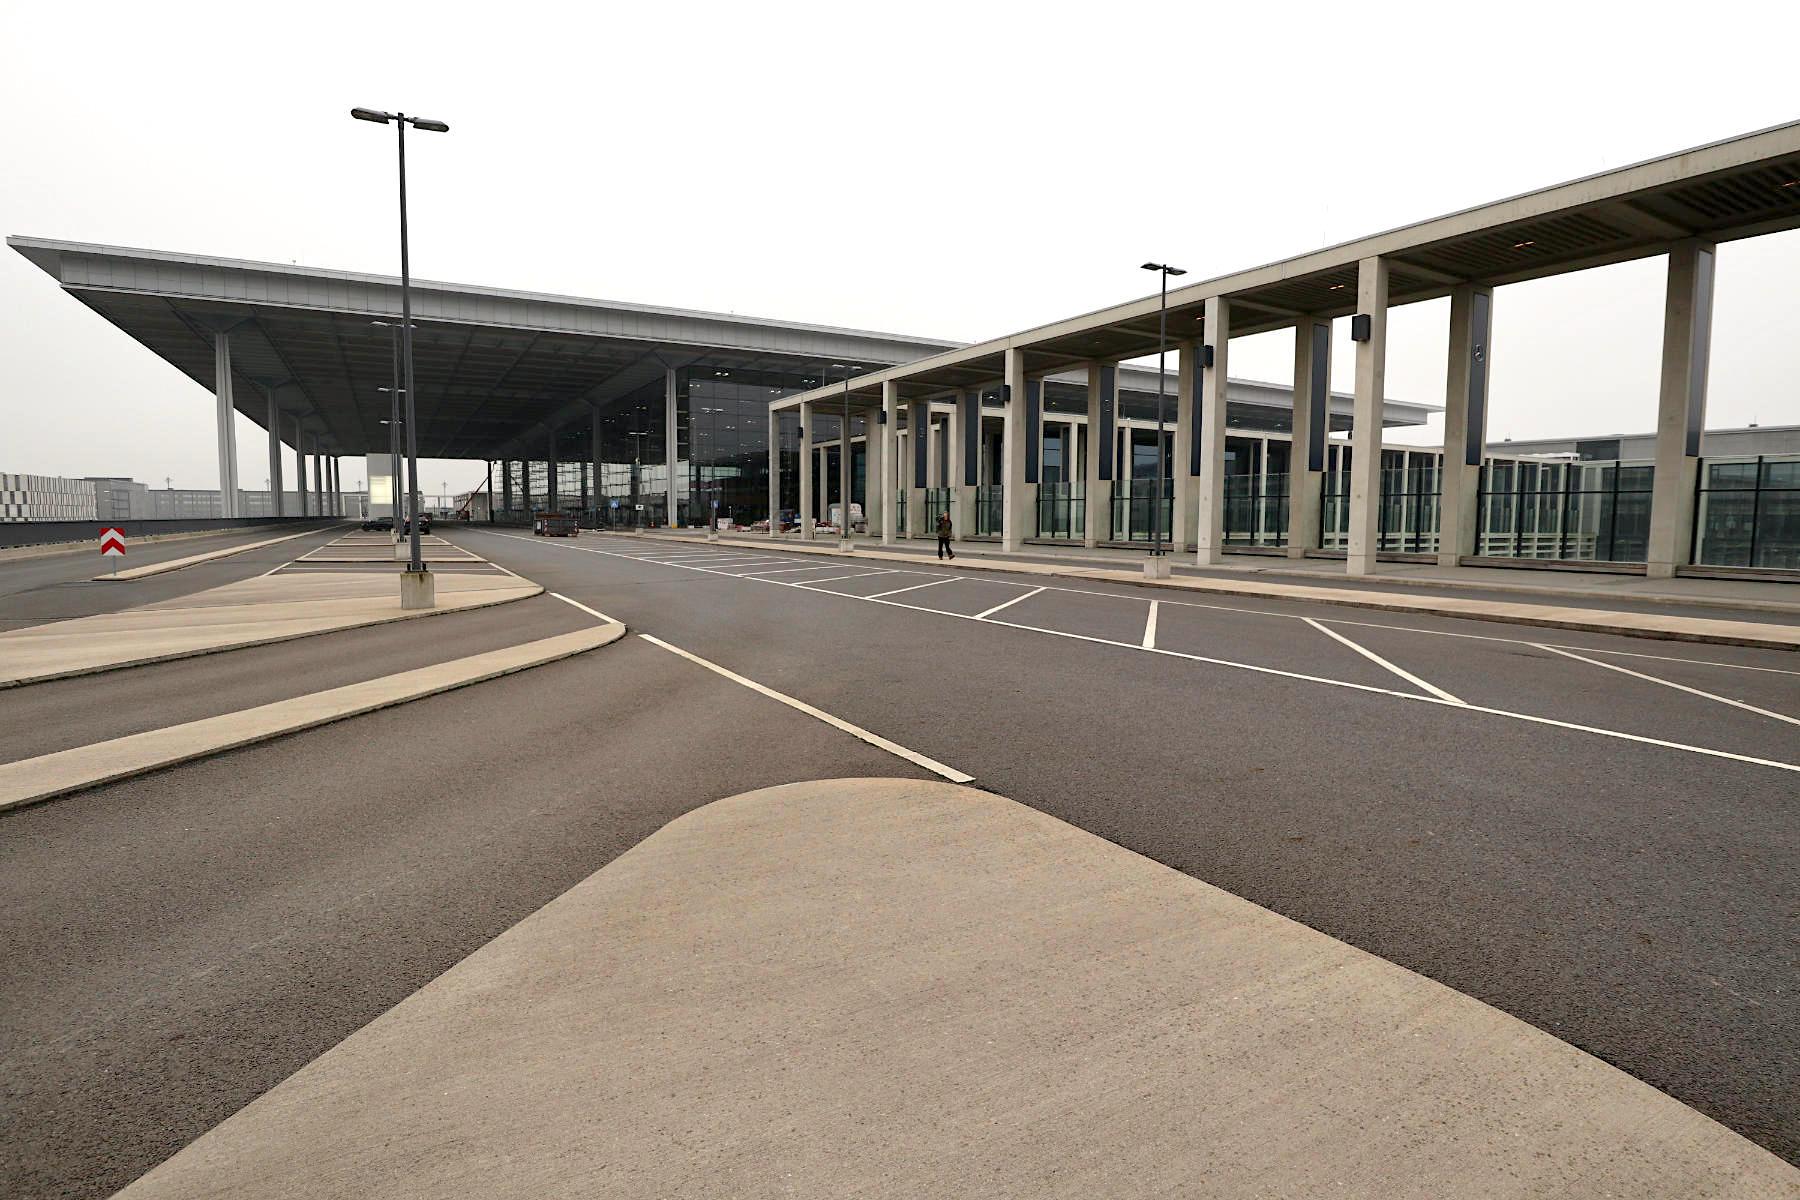 Flughafen Berlin Brandenburg BER. Entwurf: Gerkan, Marg und Partner (gmp) mit JSP. Fertigstellung (voraussichtlich): 2020.